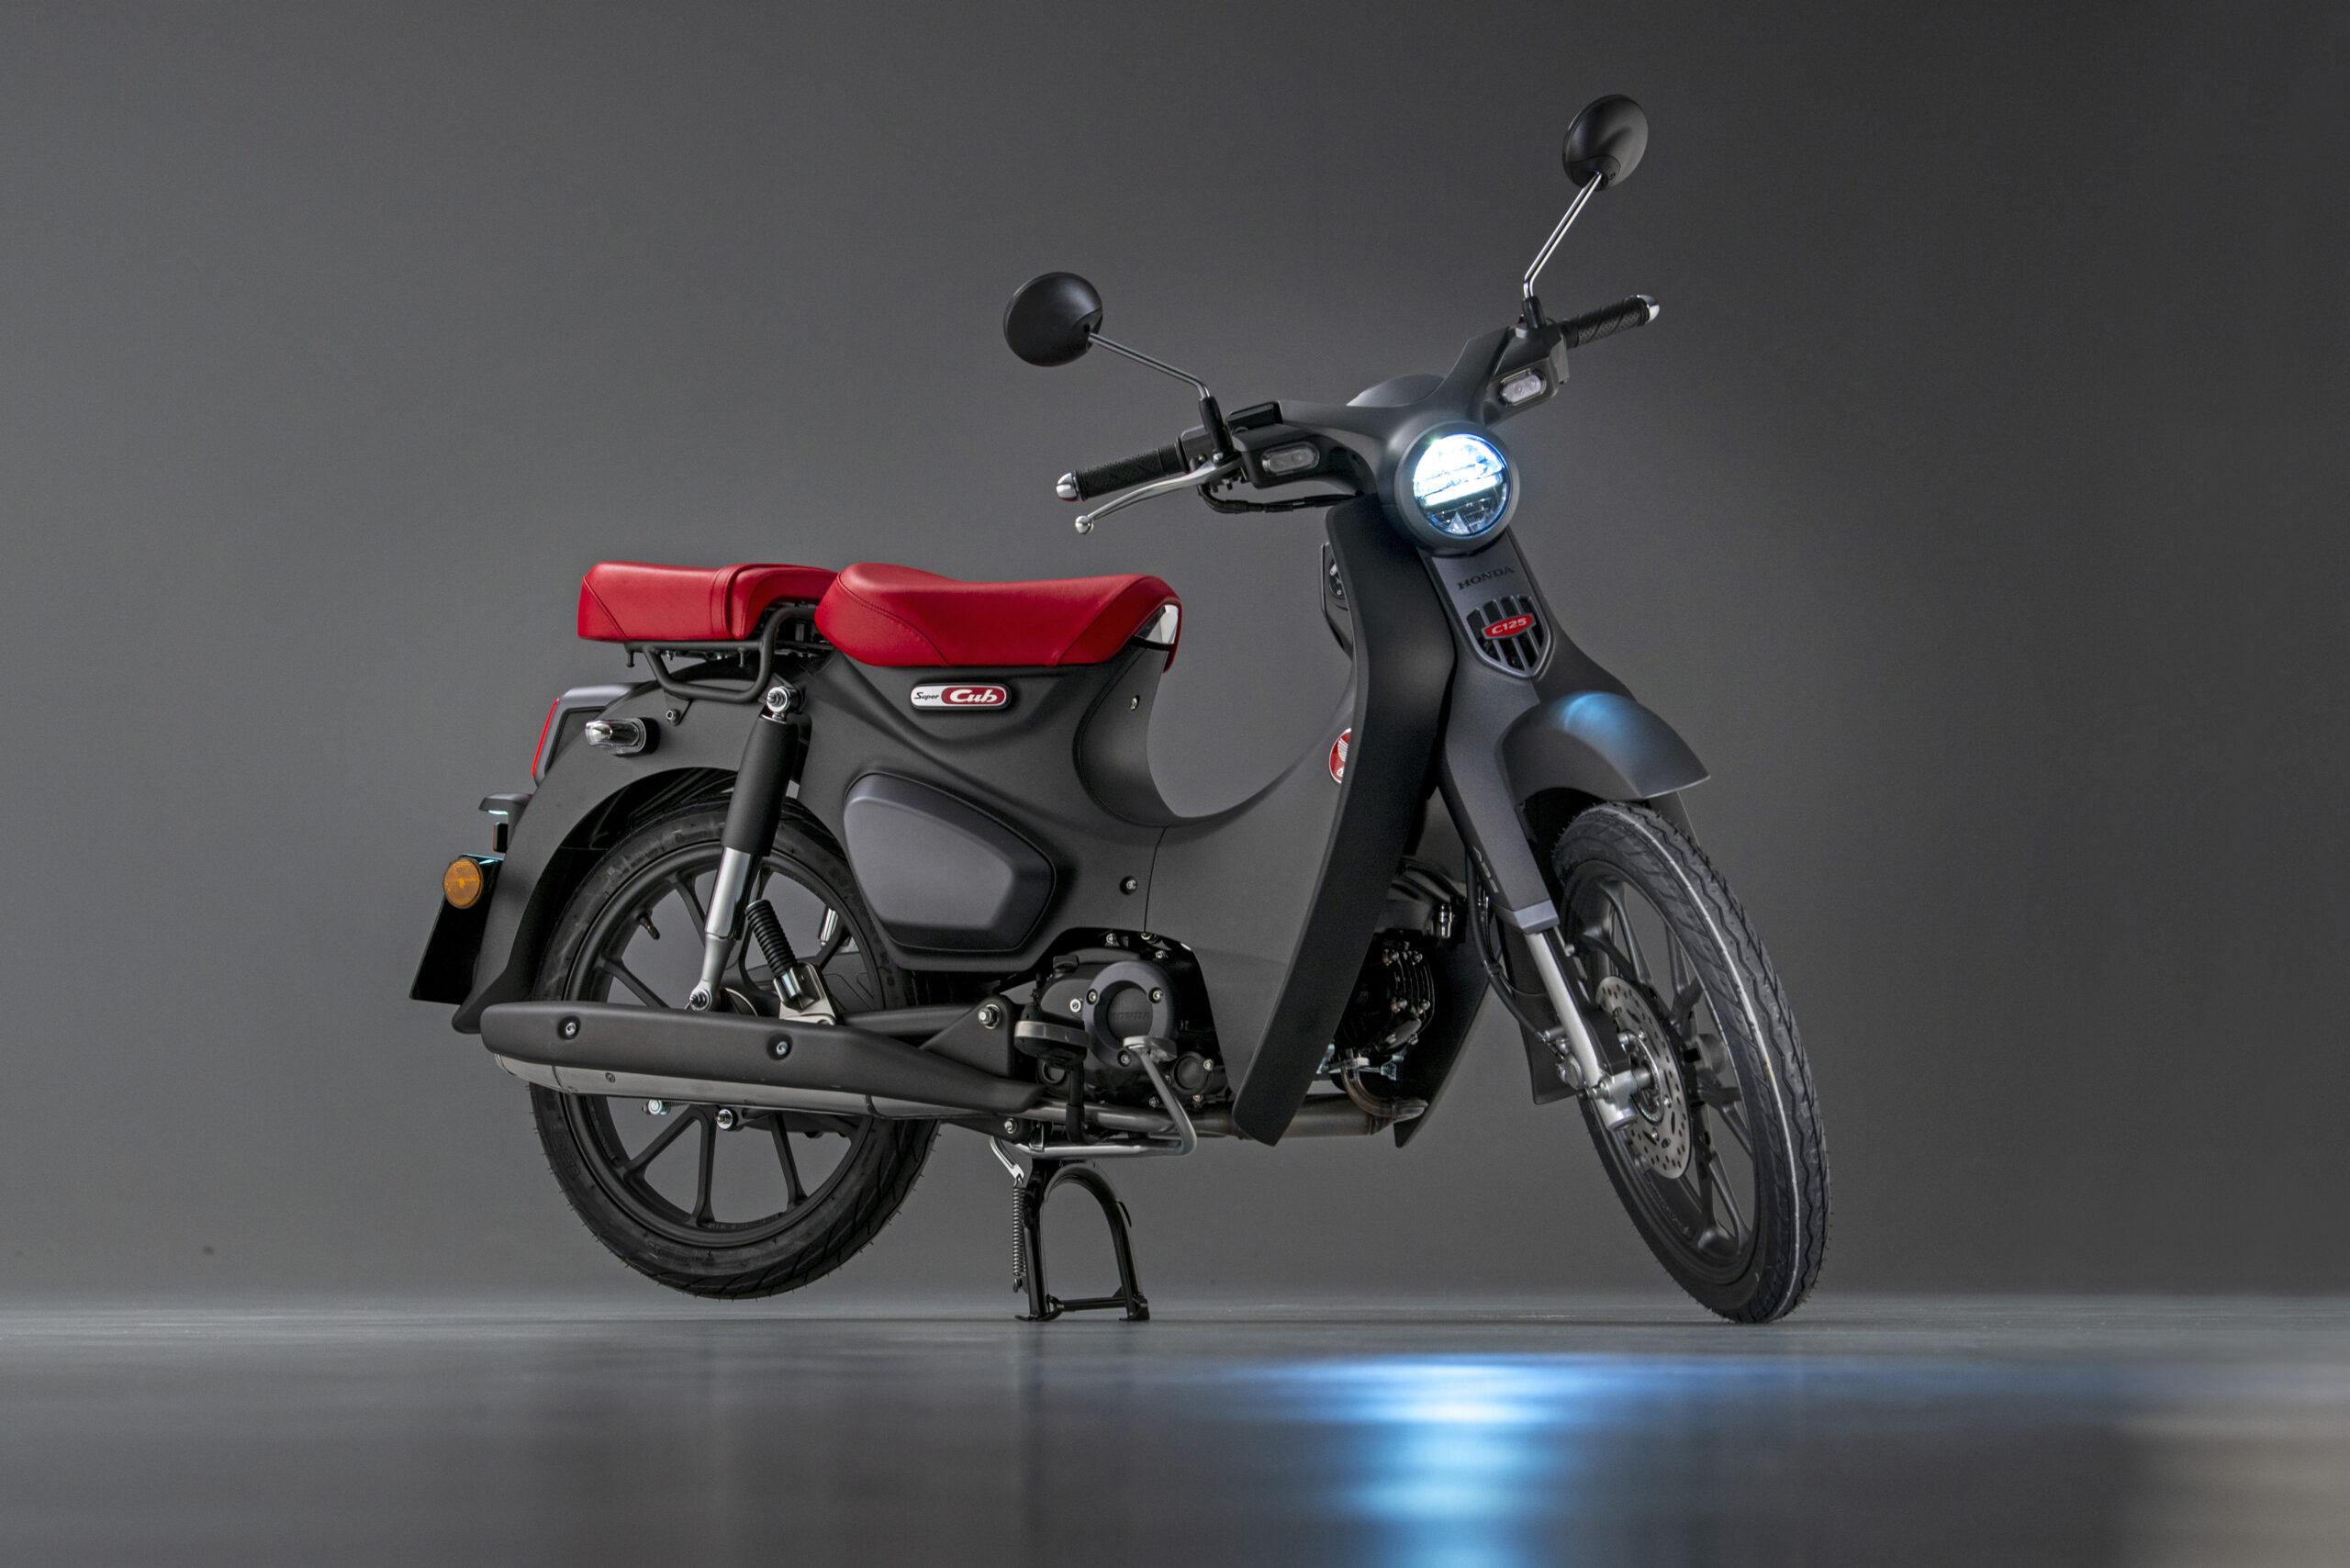 2022 Honda Super Cub 125